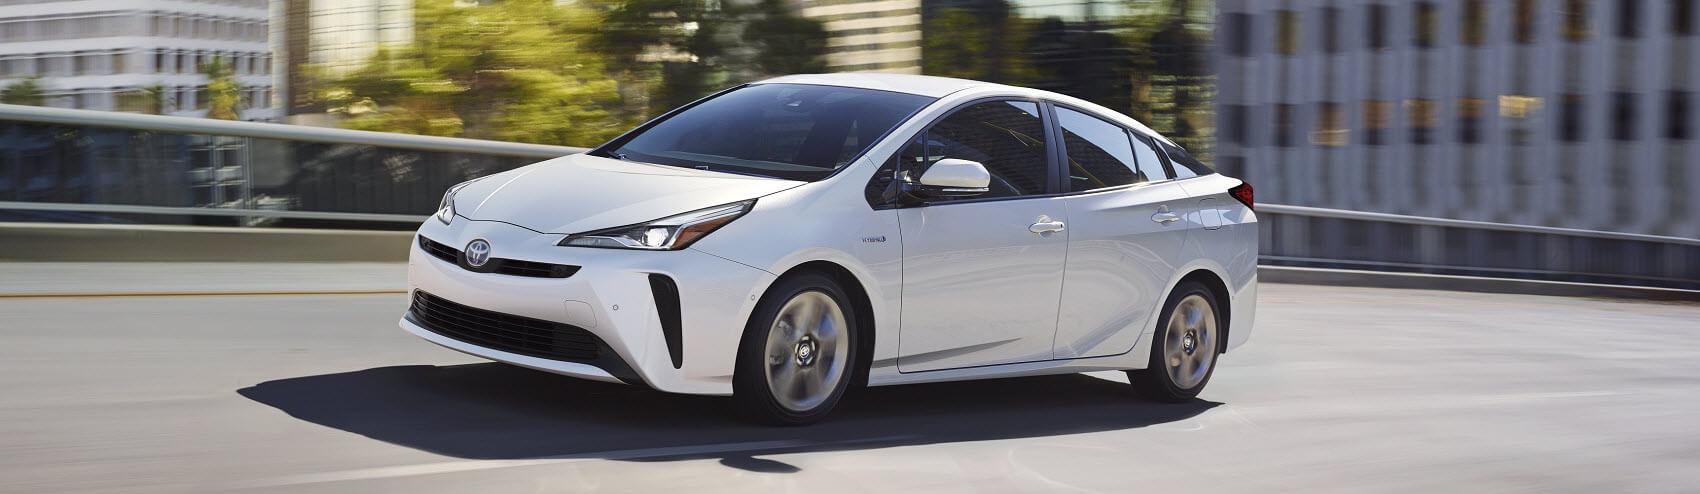 Toyota Prius White